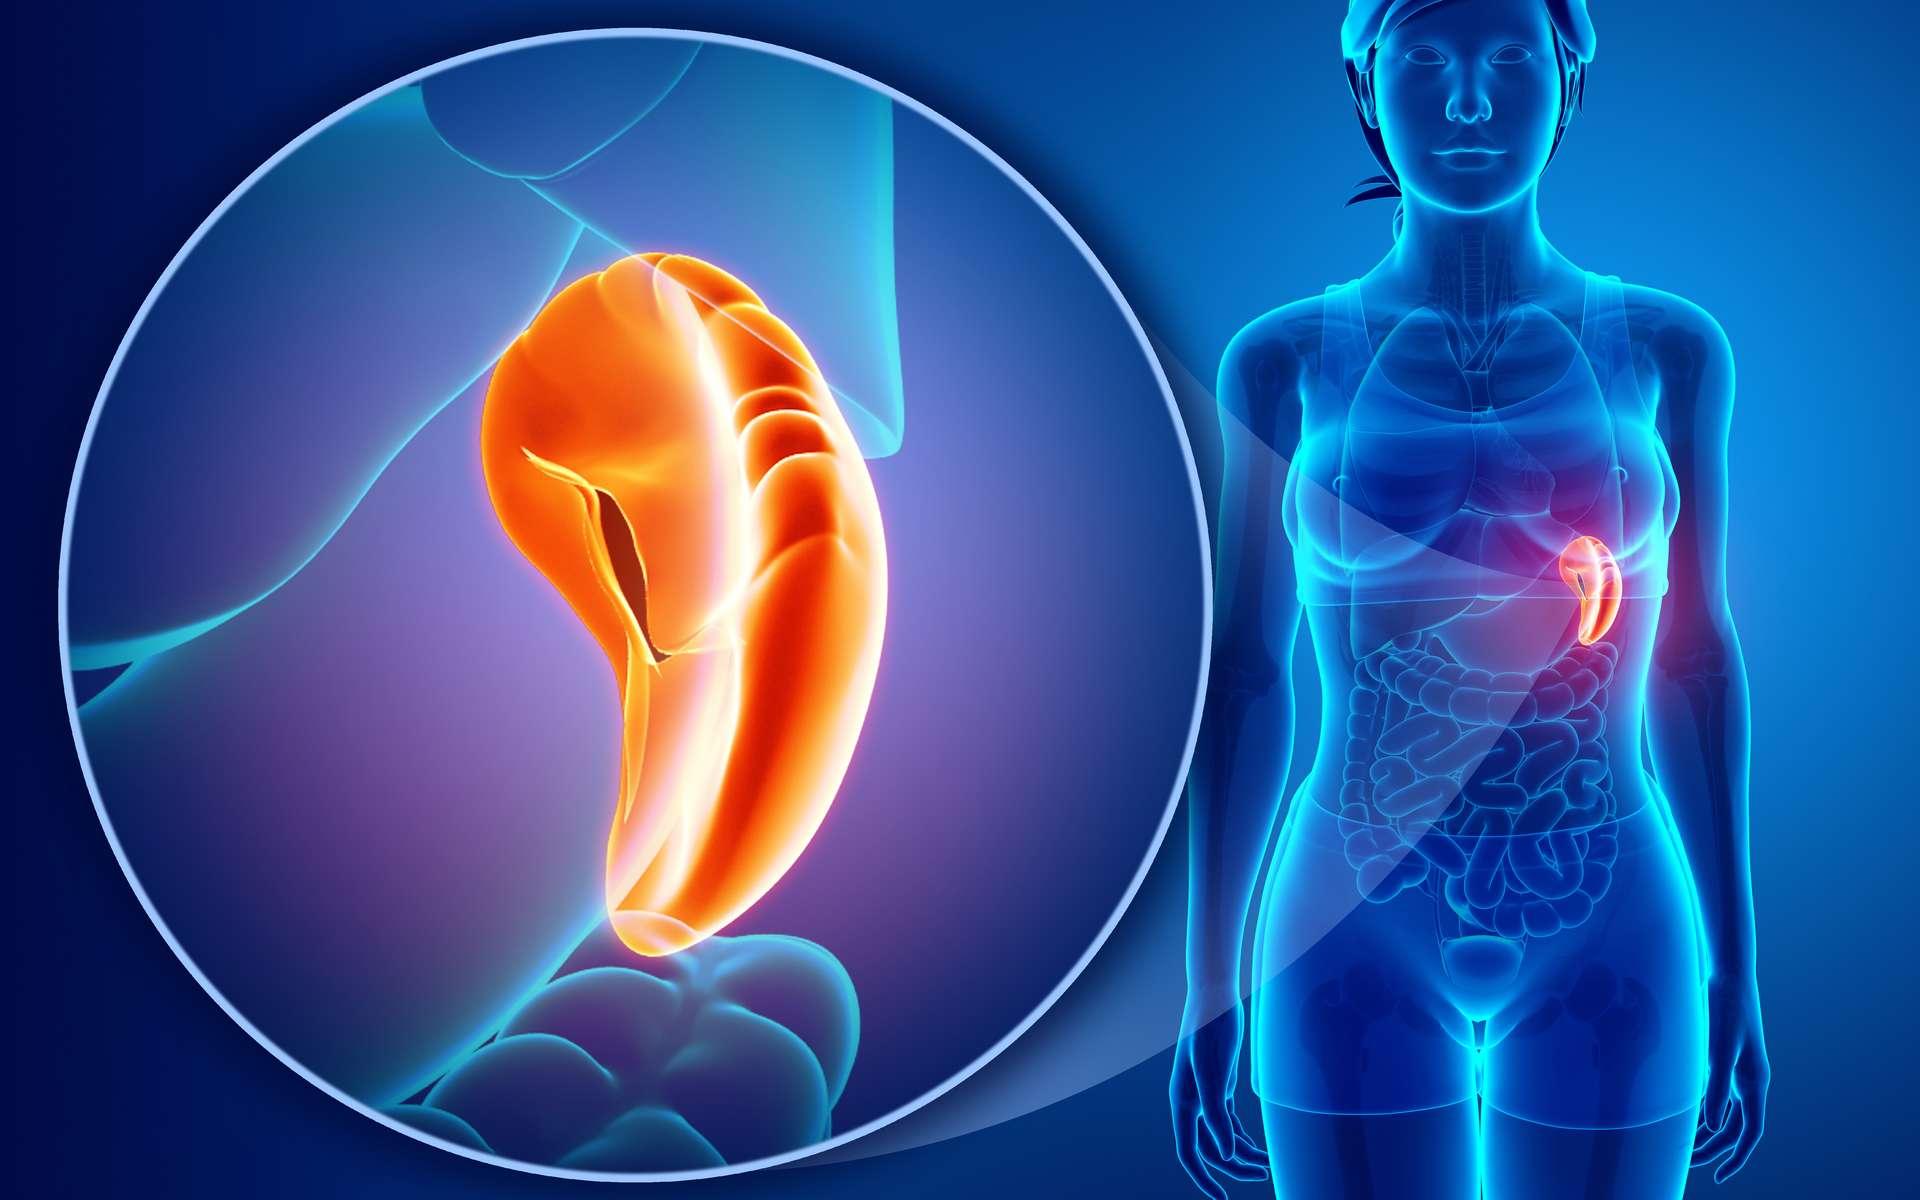 Anatomie de la rate humaine. © pixdesign123, Adobe Stock